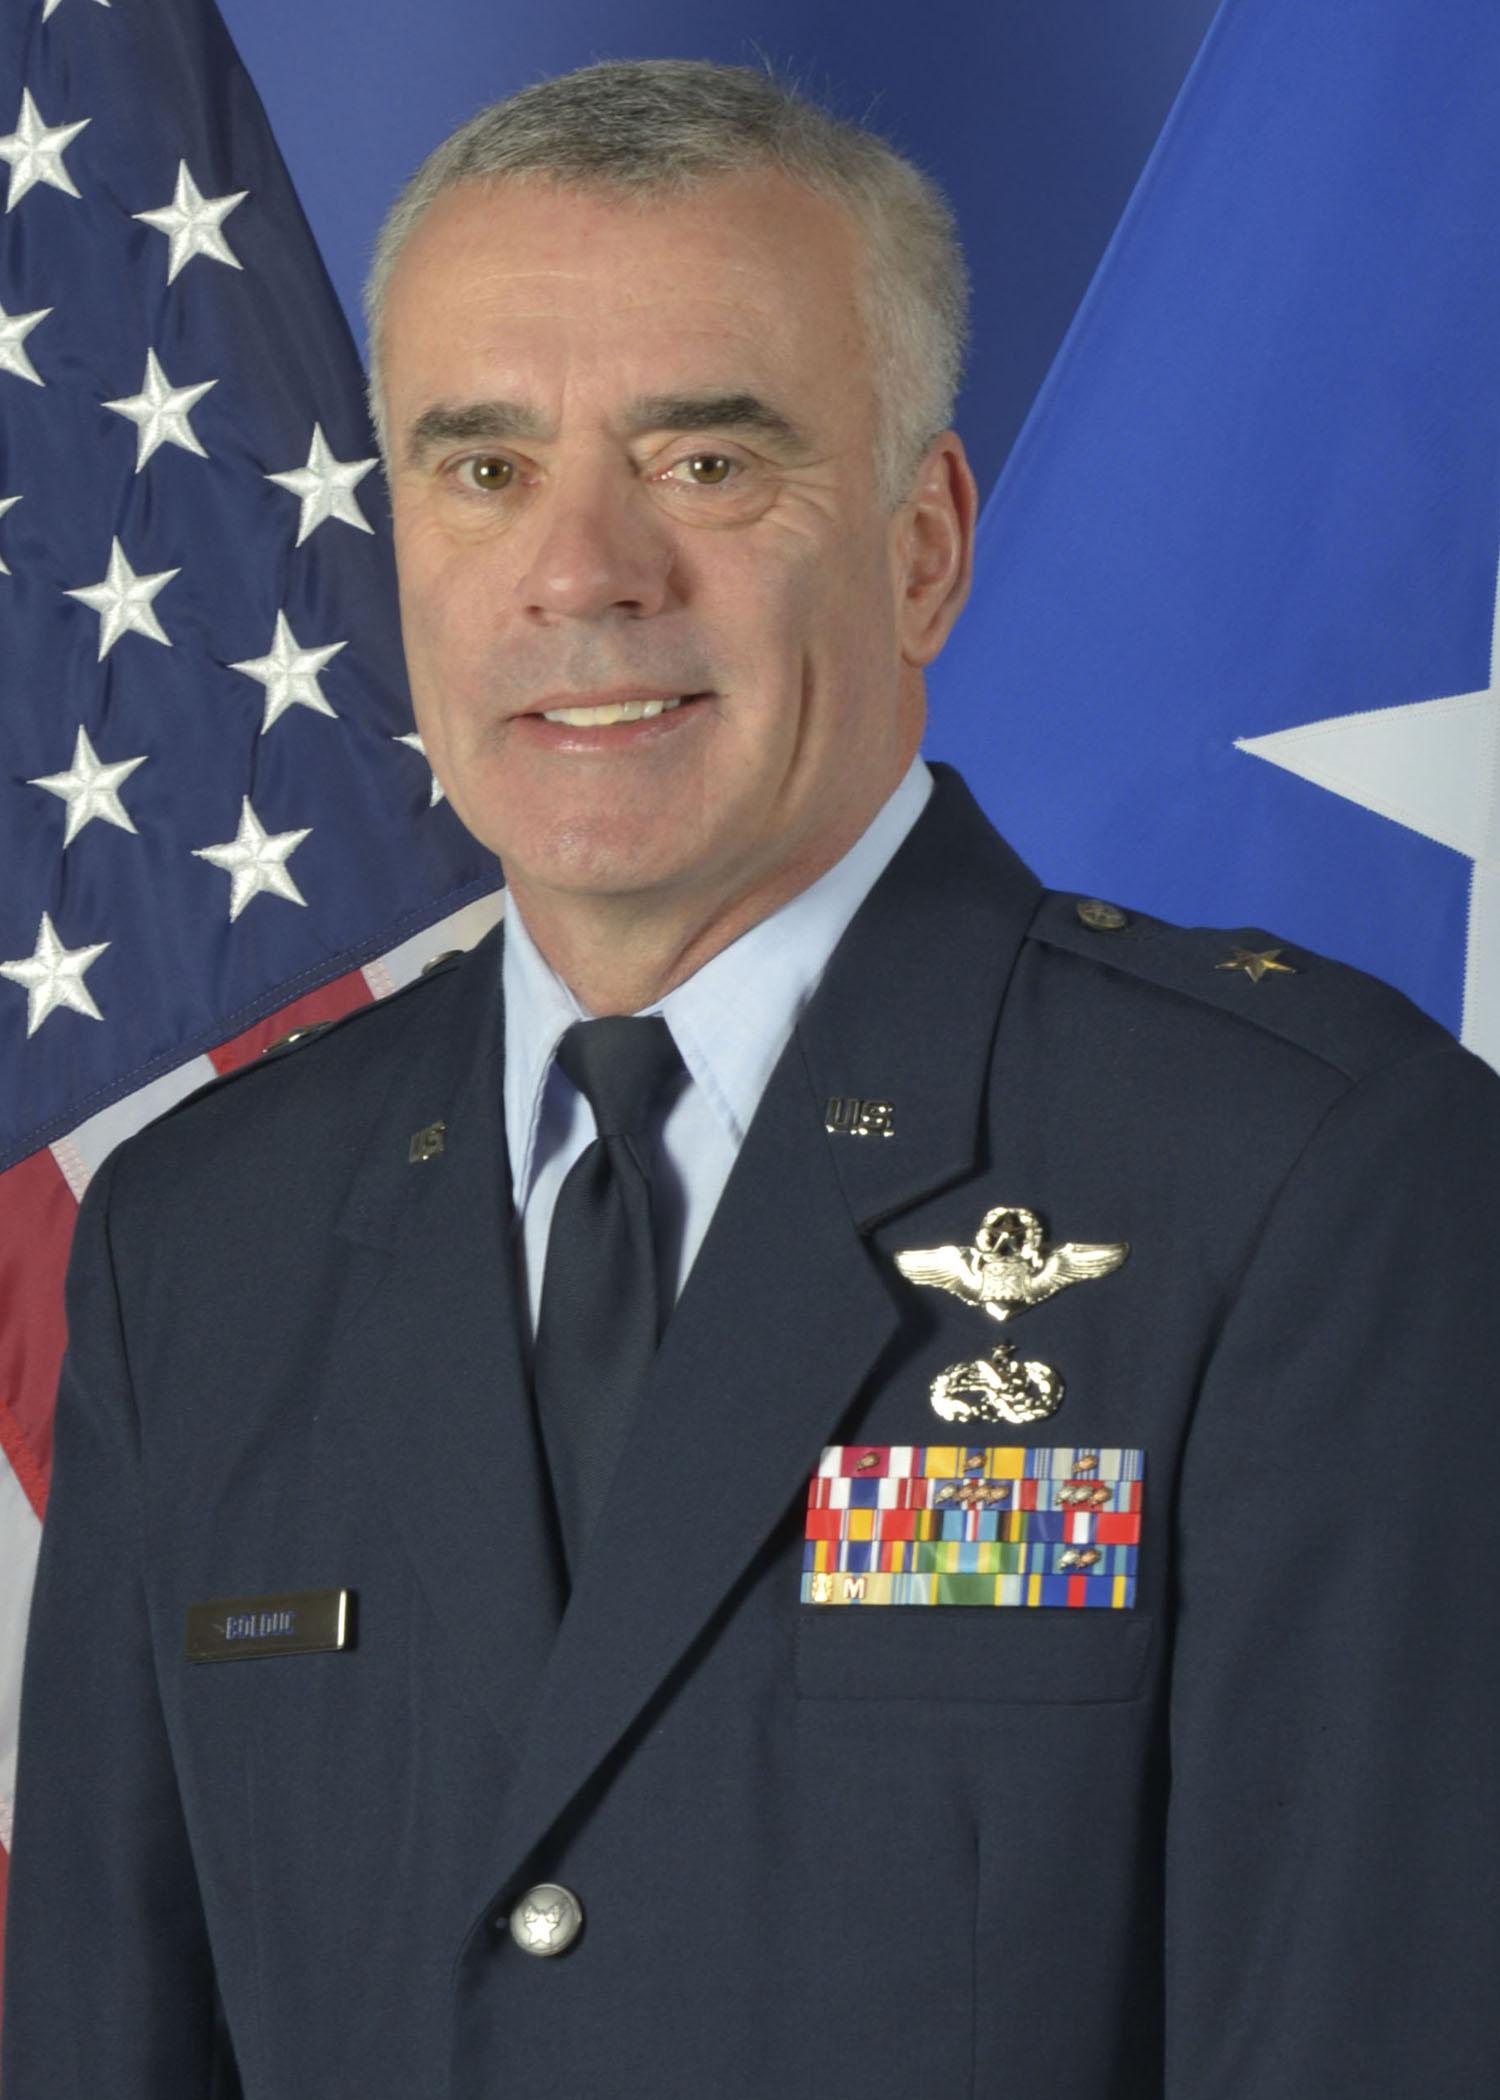 Gov Paul R Lepage Appoints Brig Gen Gerard F Bolduc